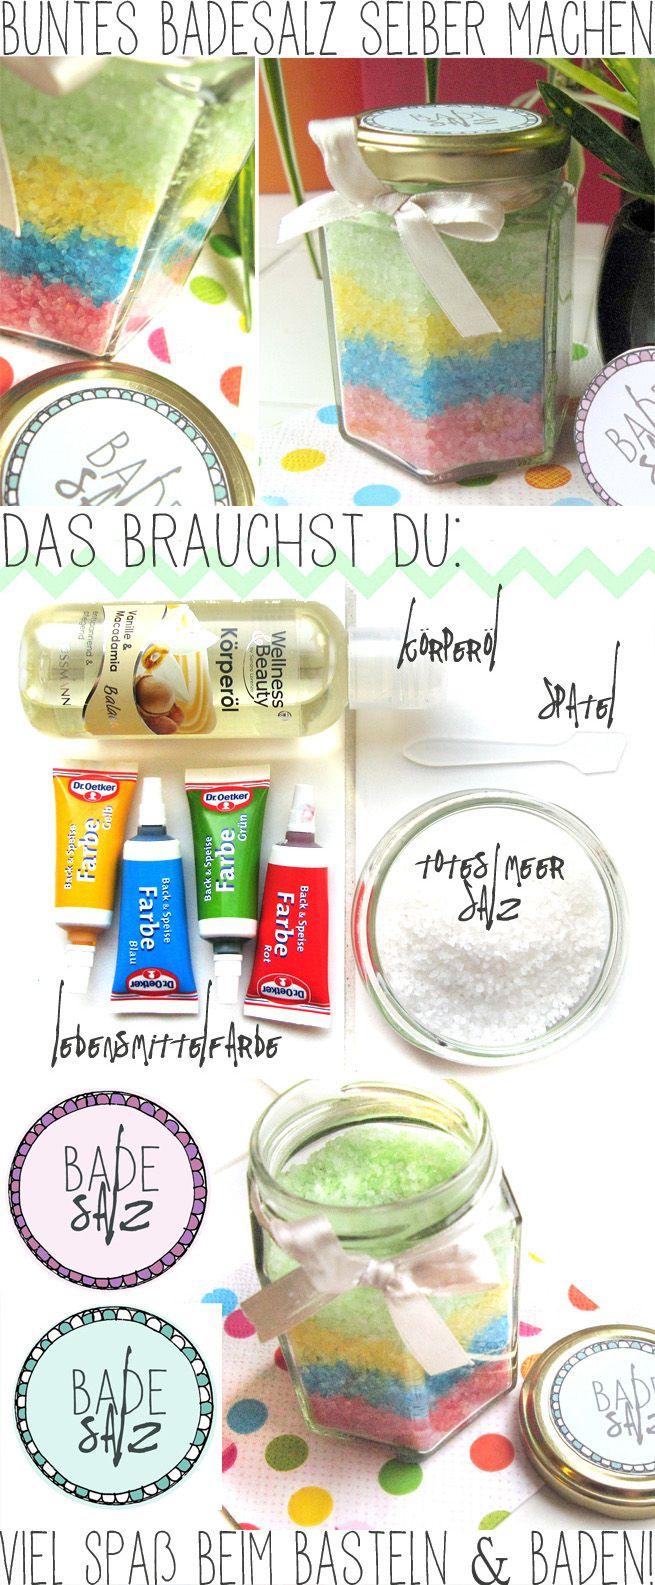 … dieses Badesalz rockt jedes Badezimmer! Zum Rezept gibt's kostenlose Etiketten als Download zum Ausdrucken! Die ausführliche Anleitung findet ihr hier: http://www.my-dress-codes.de/magazin/badesalz-selber-machen/